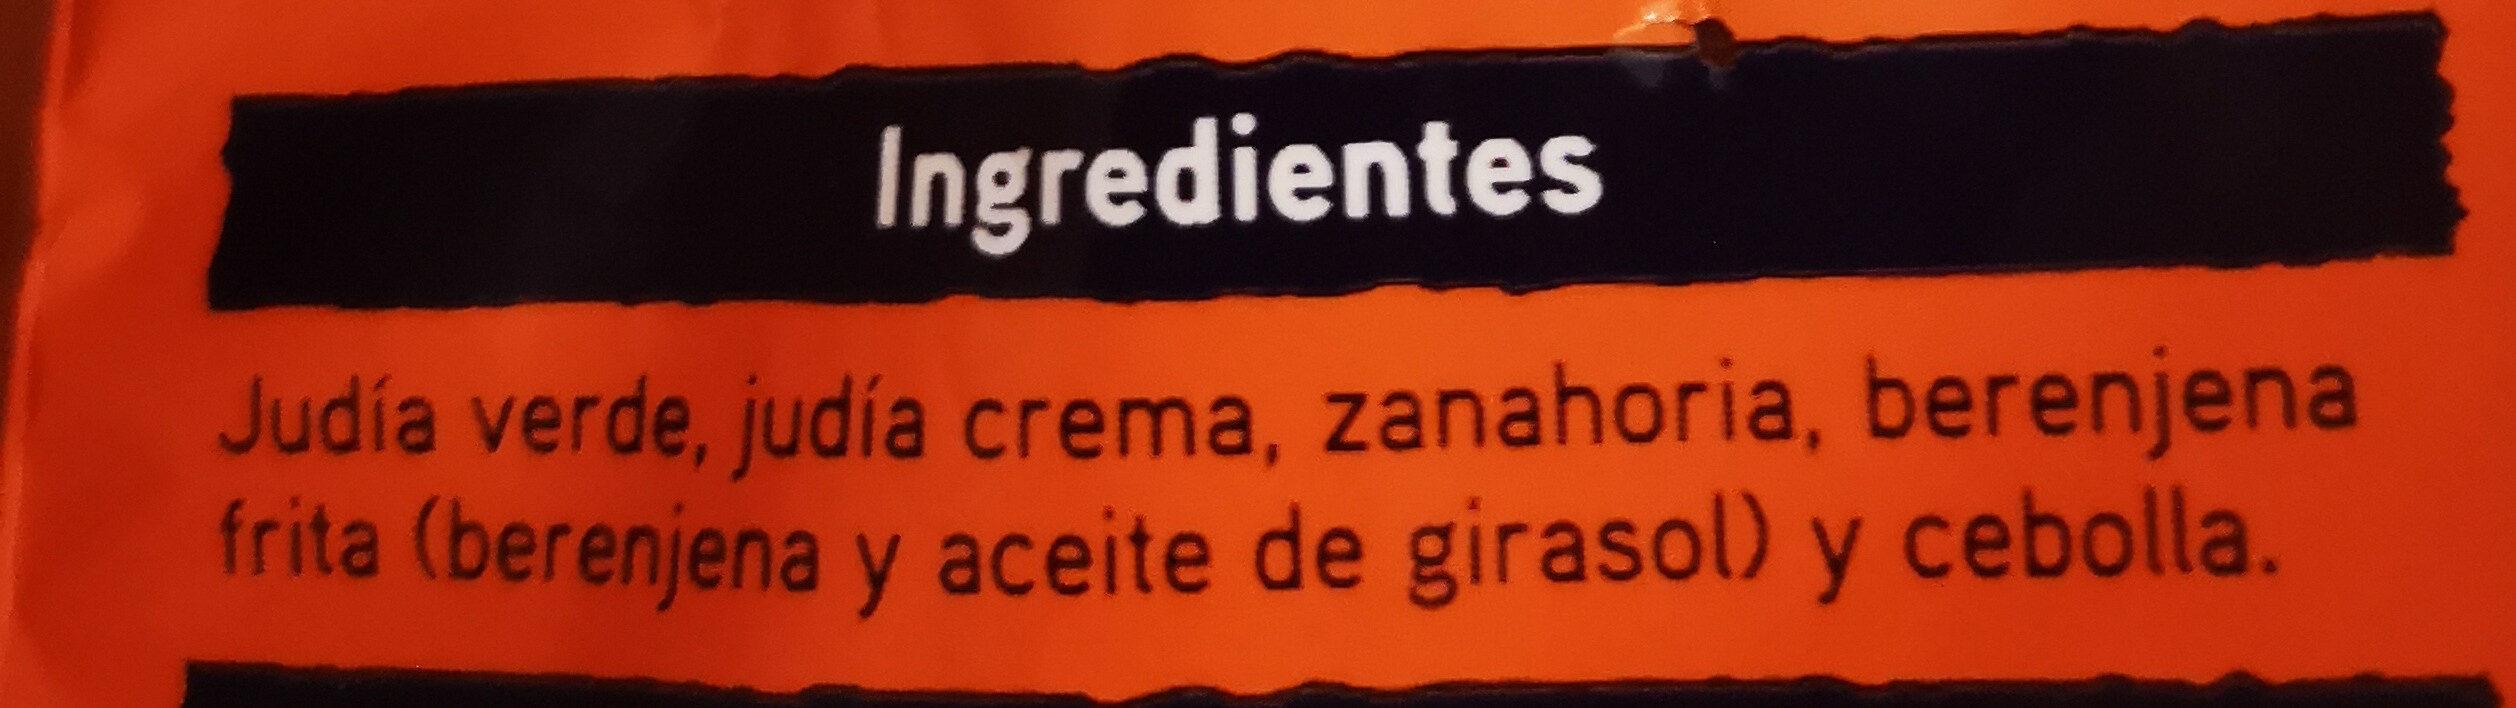 Salteado campestre - Ingredients - es